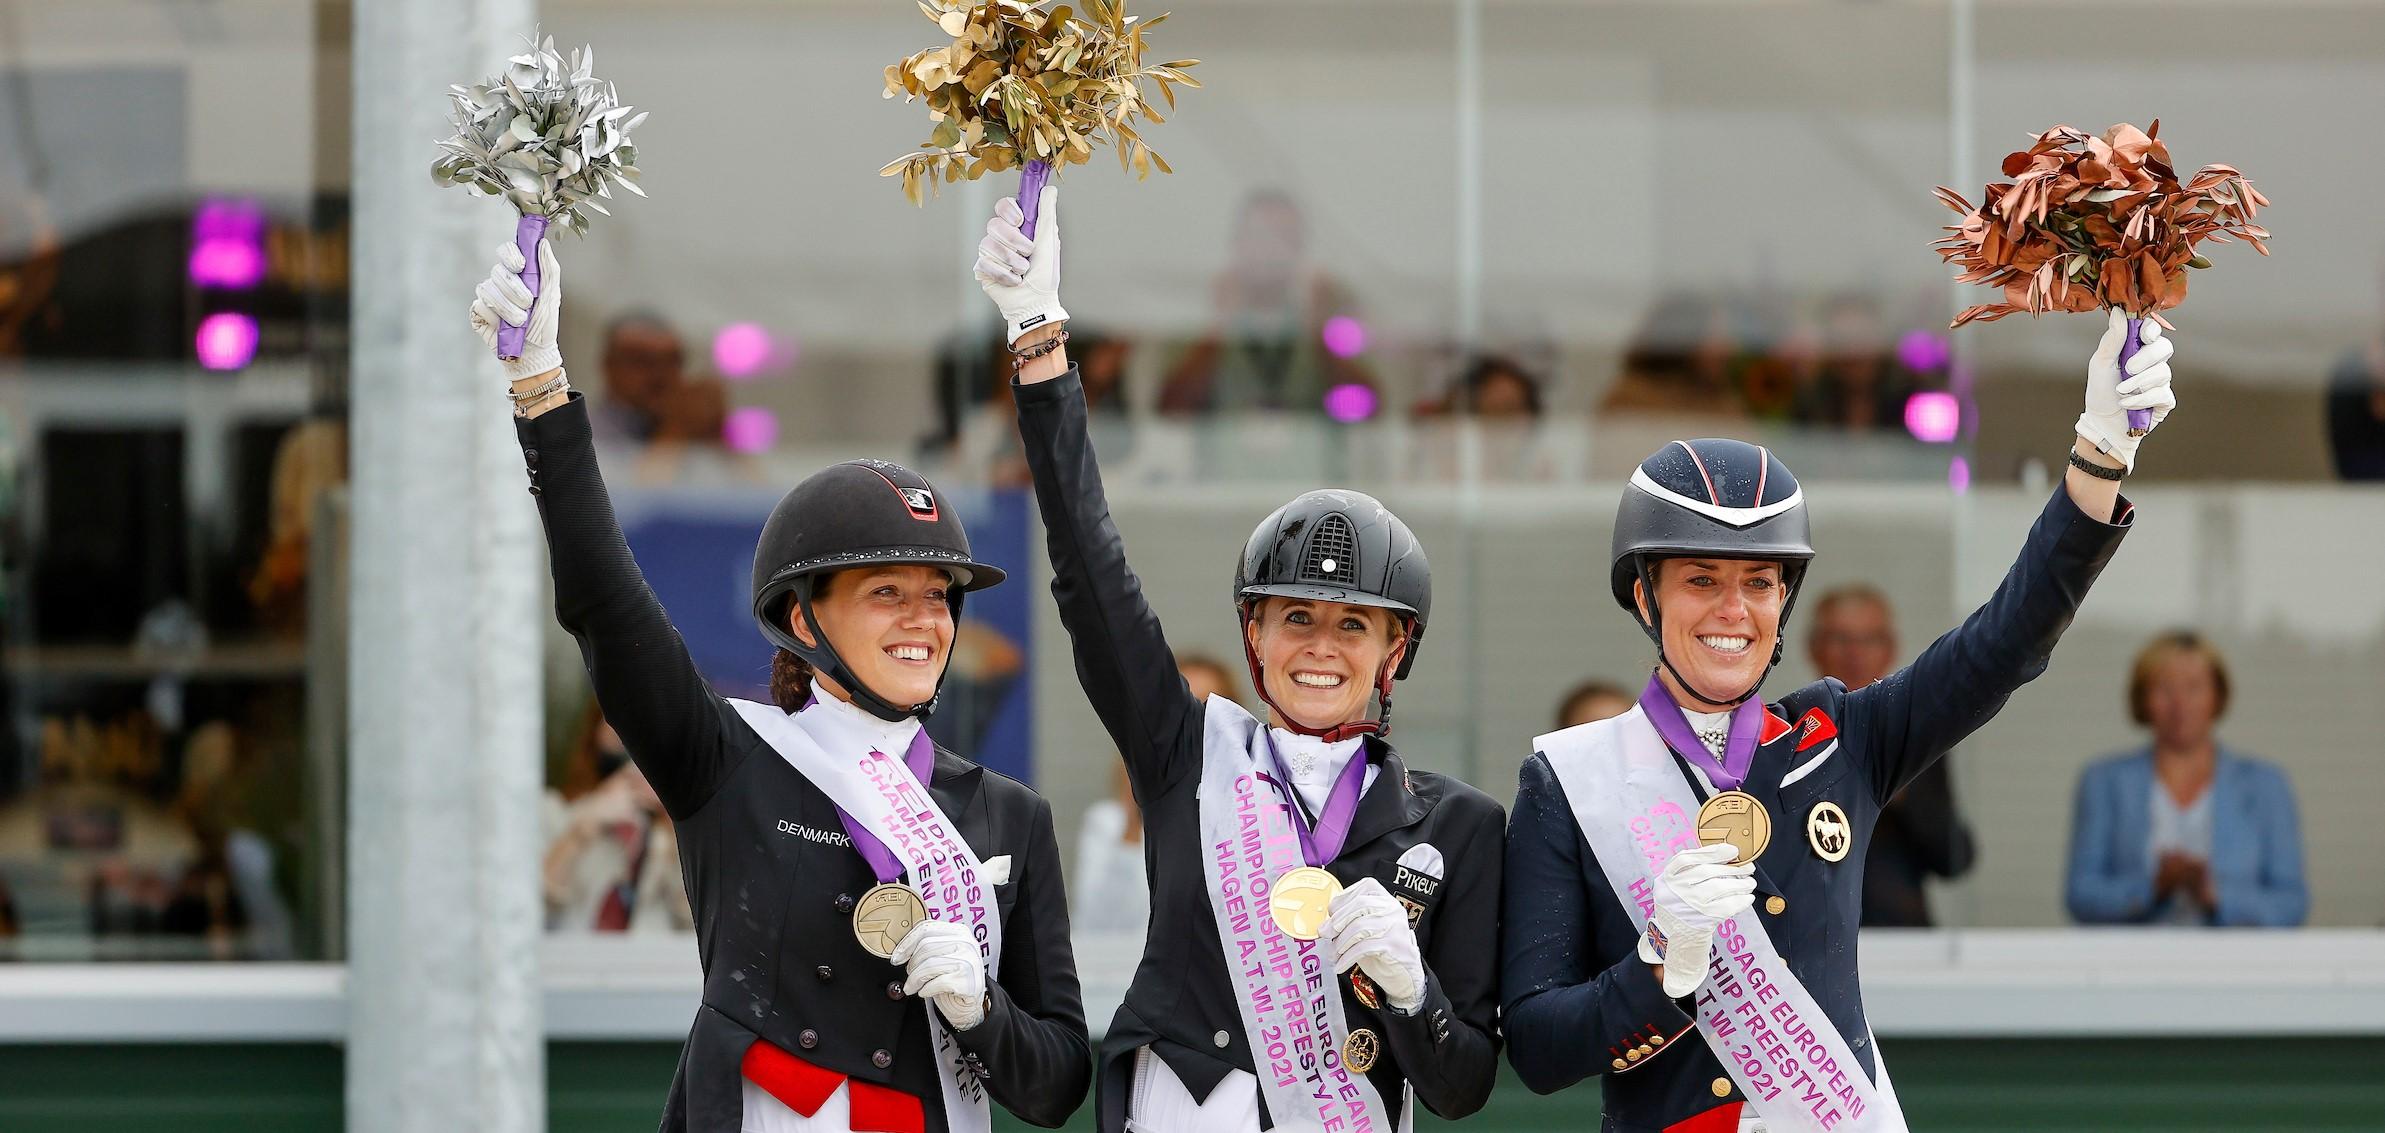 Hagen: Dritte Goldmedaille für Jessica von Bredow-Werndl